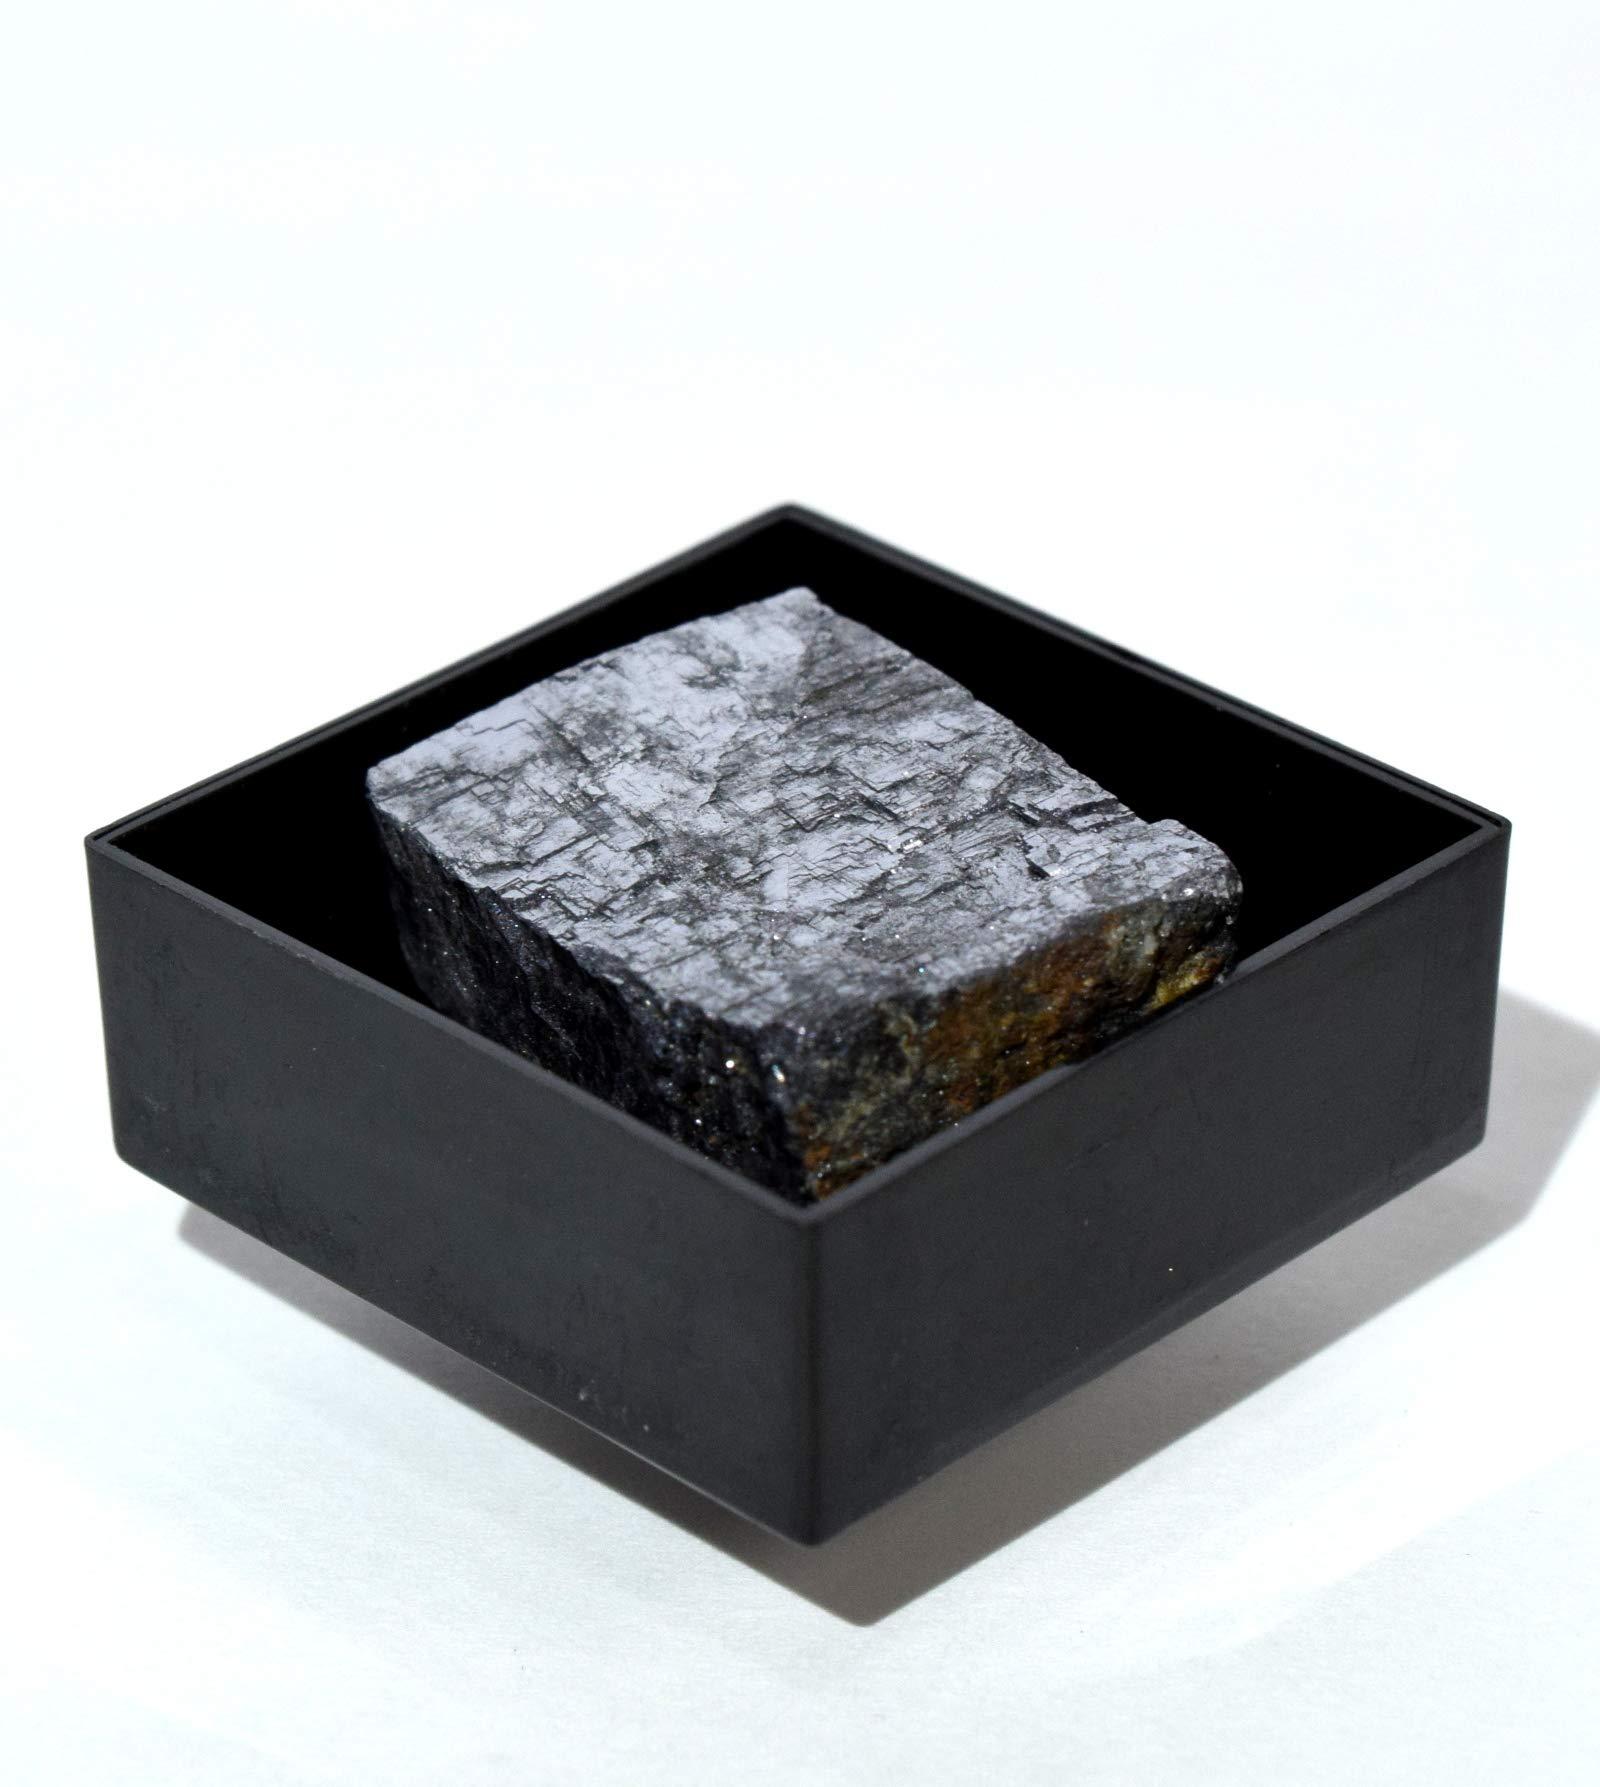 HQRP - Espejo de Galena Natural de 130 Quilates en Caja Brillante de Color Plateado con Piedras de Cristal minerales coleccionables – Marruecos: Amazon.es: Hogar